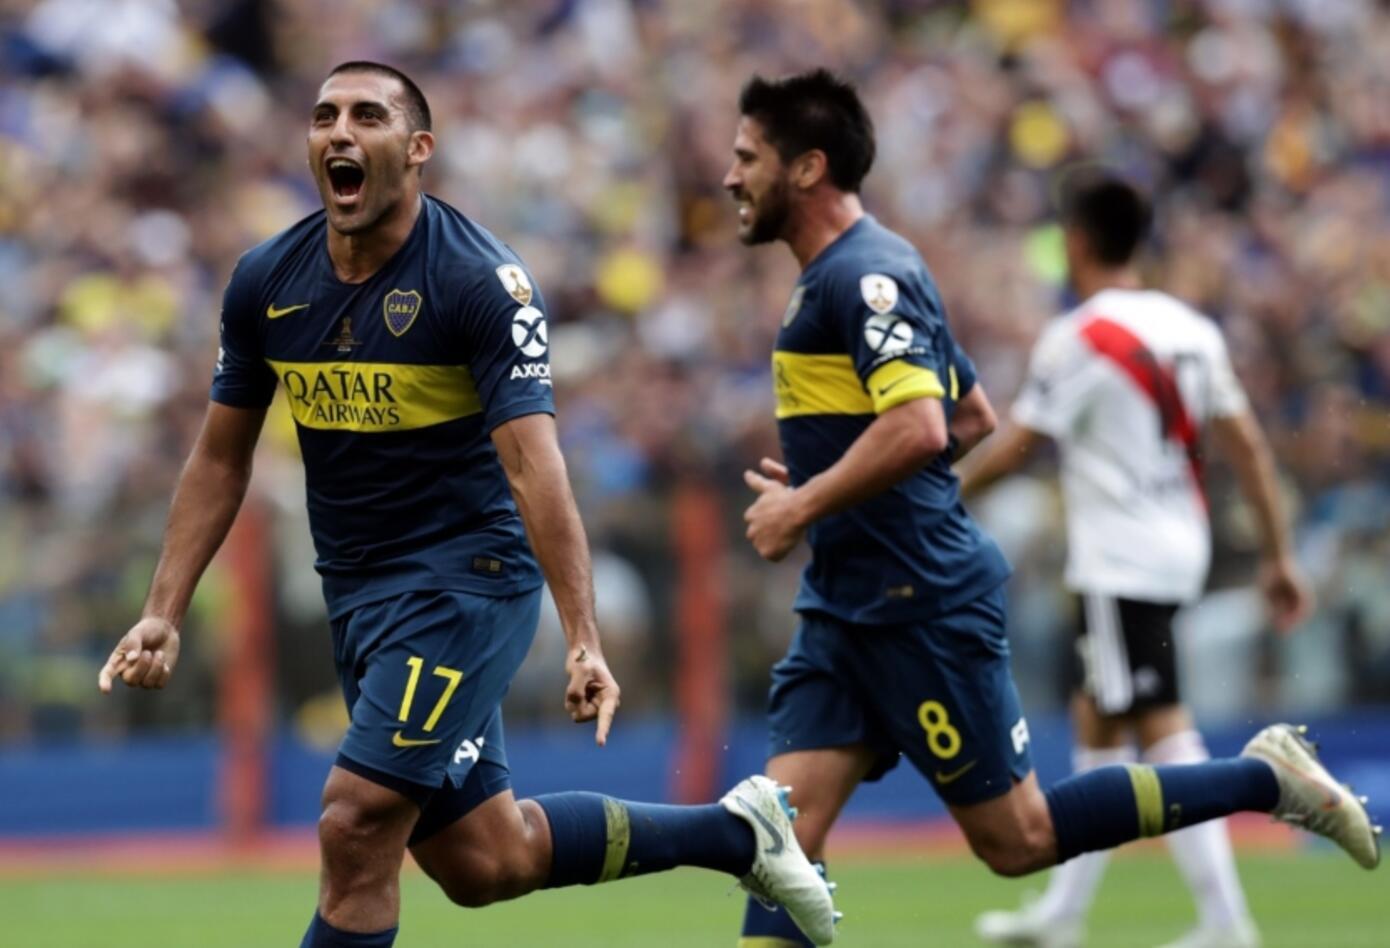 El primer gol del encuentro lo hizo Ramón Ávila en el minuto 34.